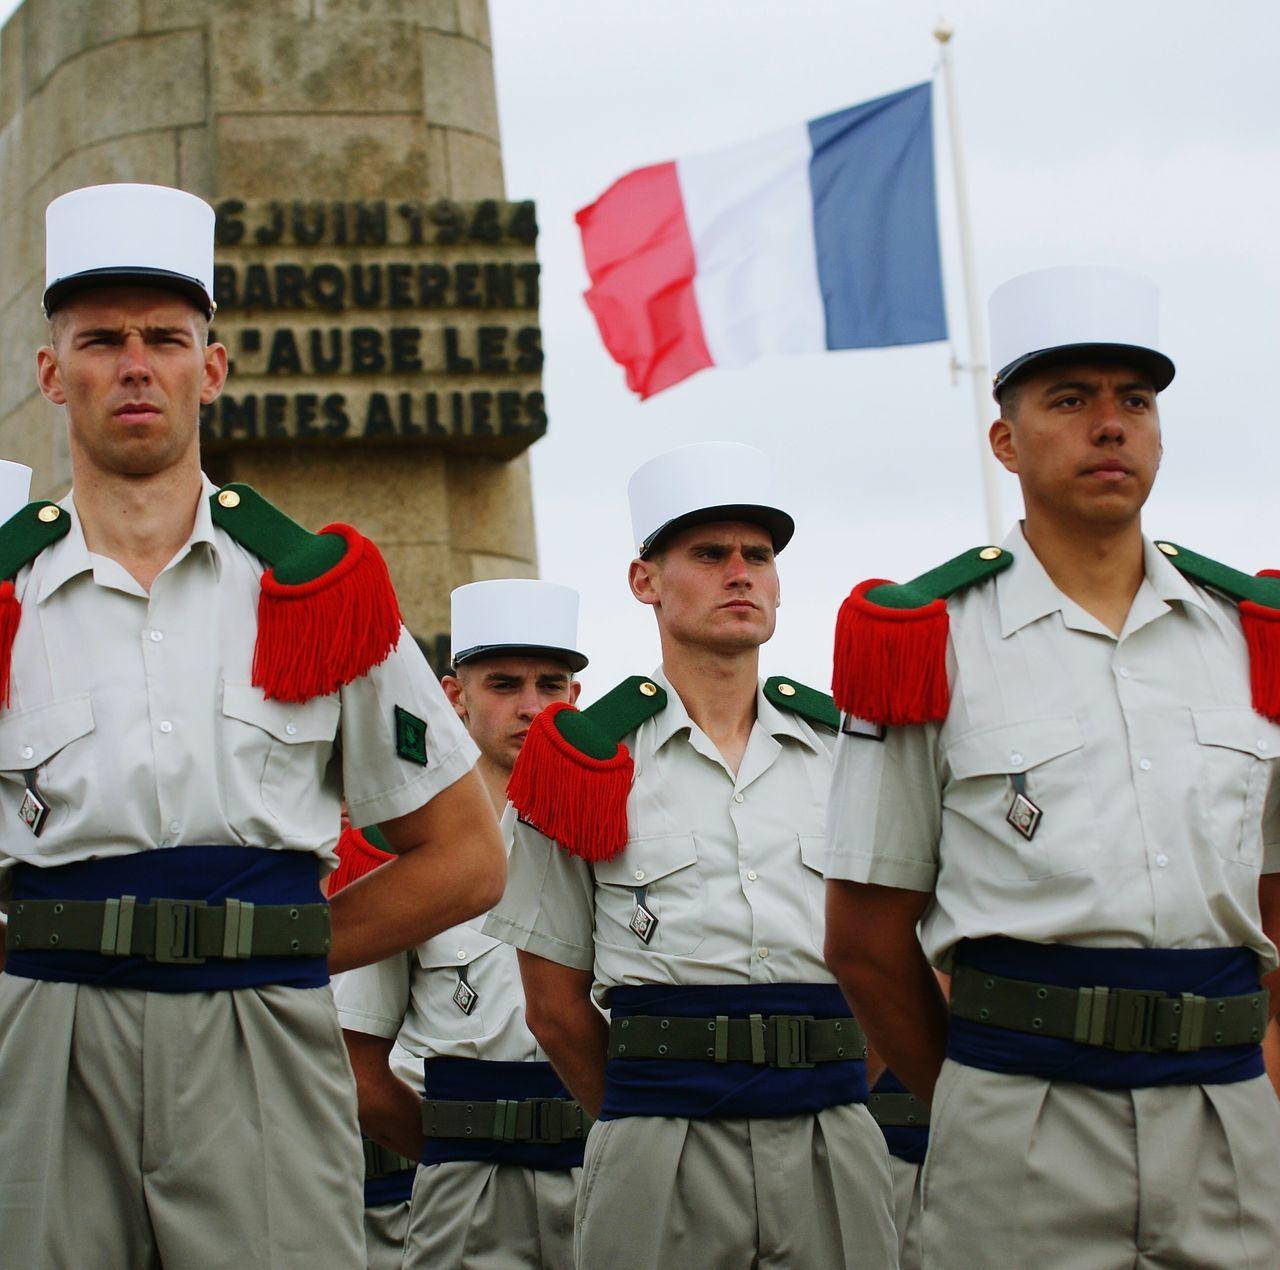 Legionétrangère Armée De Terre Armée Française French Flag Legion étranger